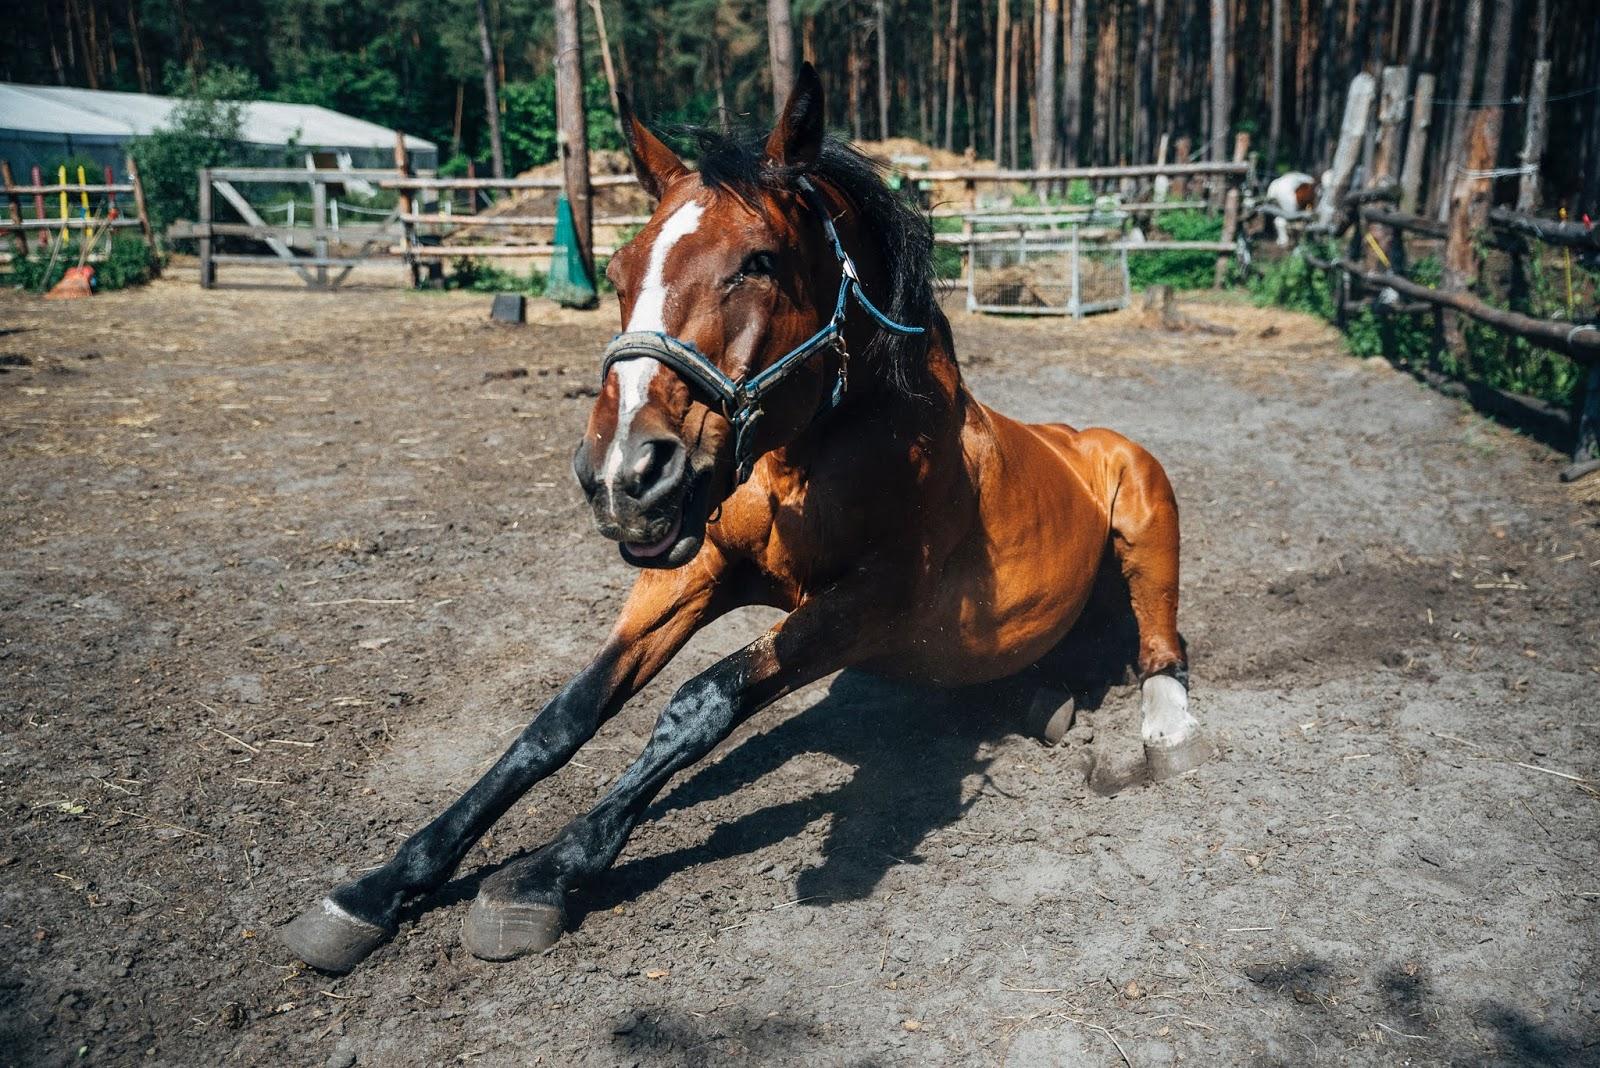 مرض التيتانوس في الخيول tetanus